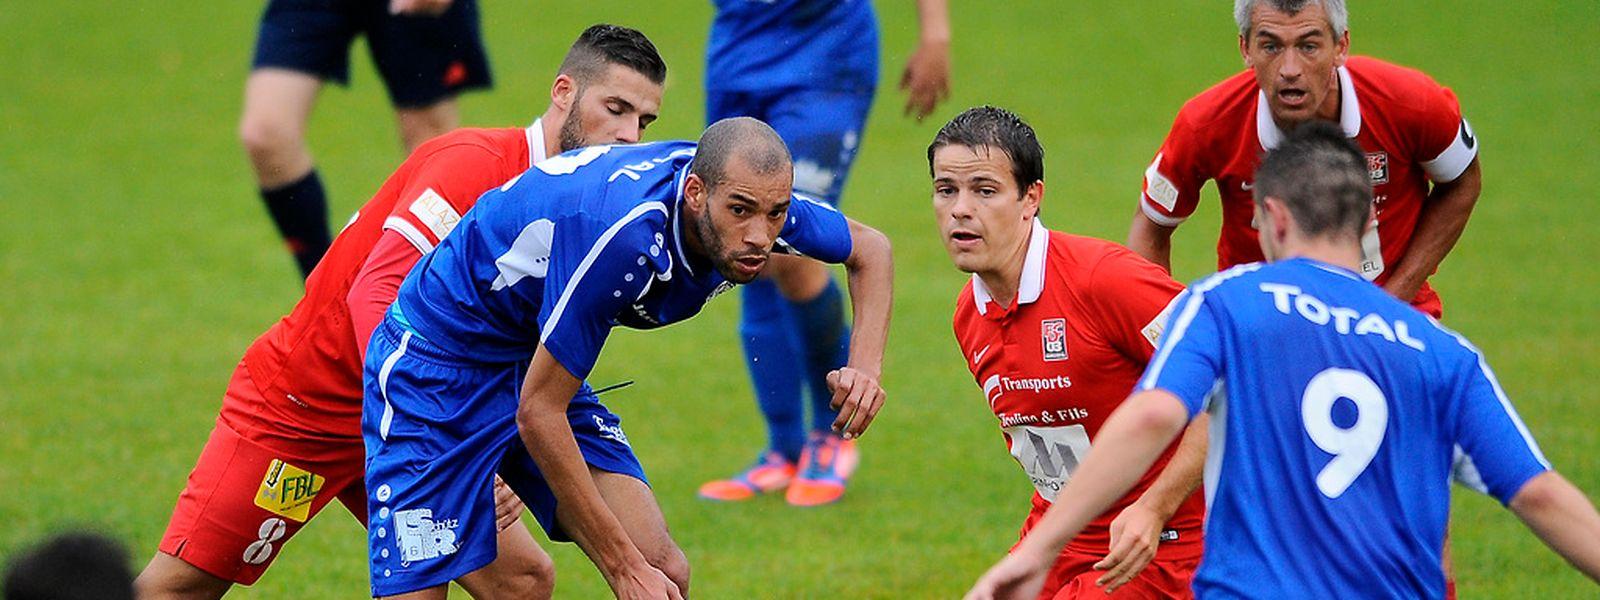 François Thior et Andy May connvoitent le ballon. Le dernier mot est revenu aux Rouges de Differdange!